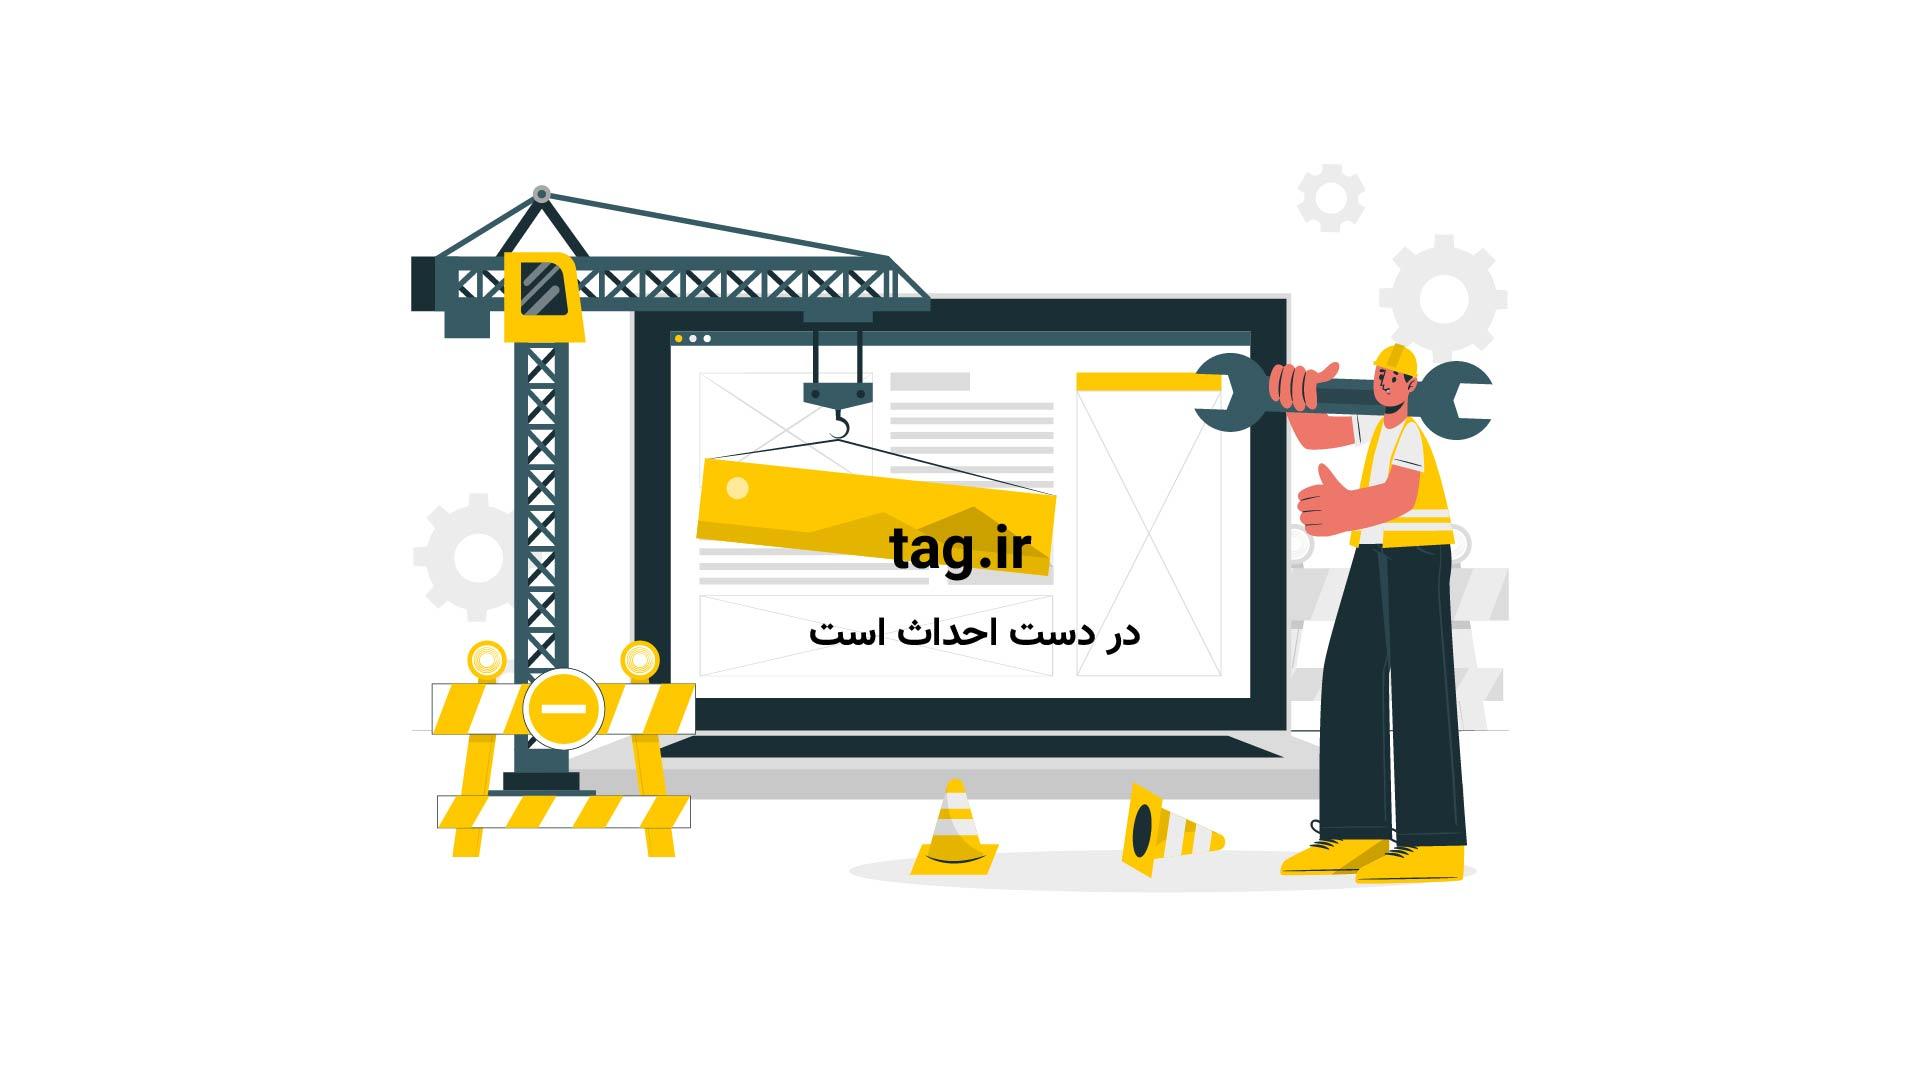 آبشار زیبا و دیدنی ایگل در فشم | فیلم